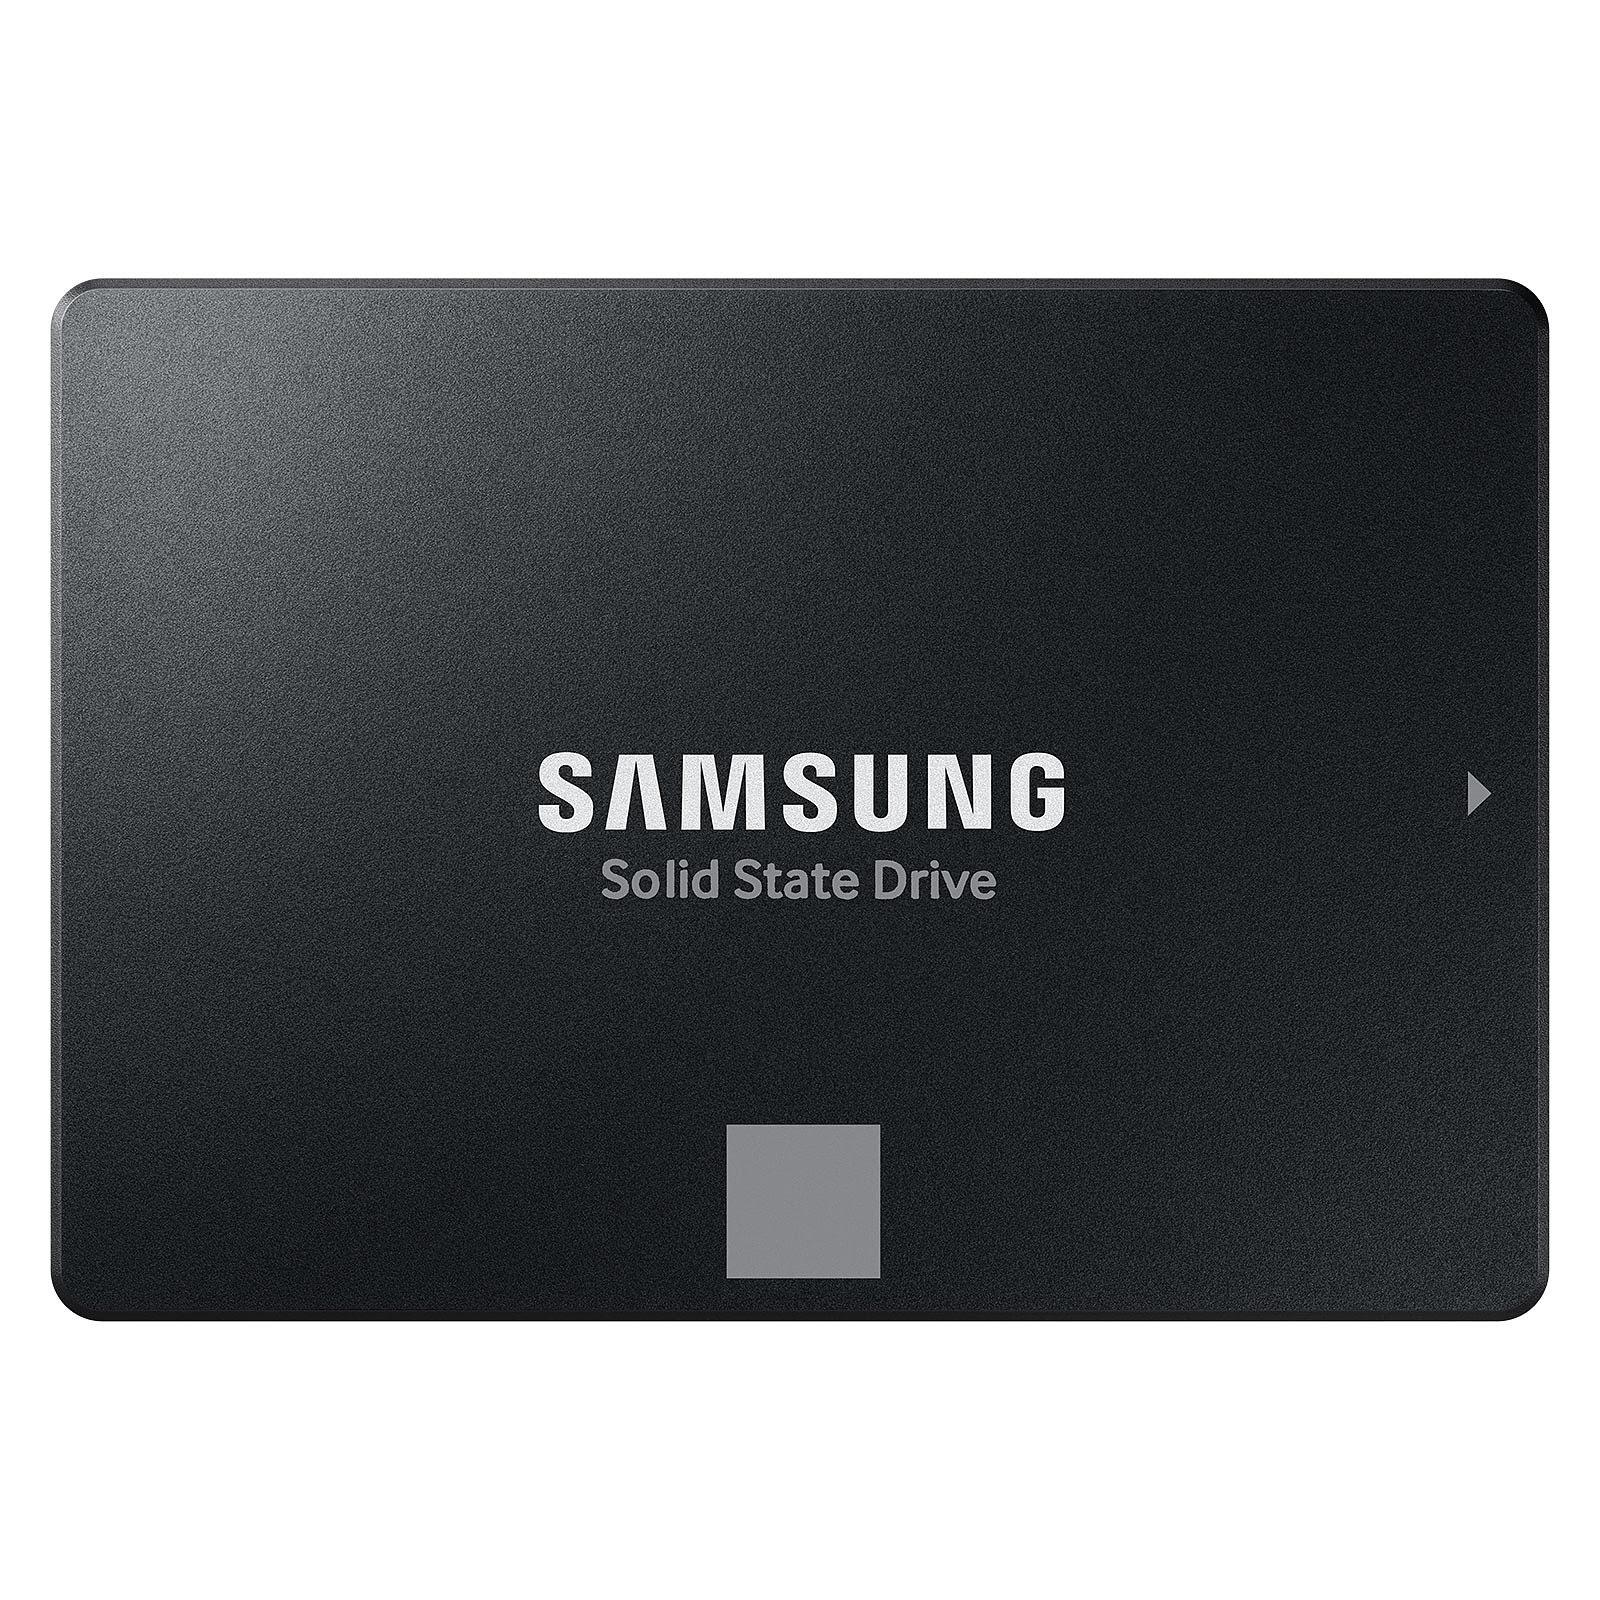 2To SSD S-ATA-6.0Gbps - 870 EVO (MZ-77E2T0B/EU) - Achat / Vente Disque SSD sur Picata.fr - 1